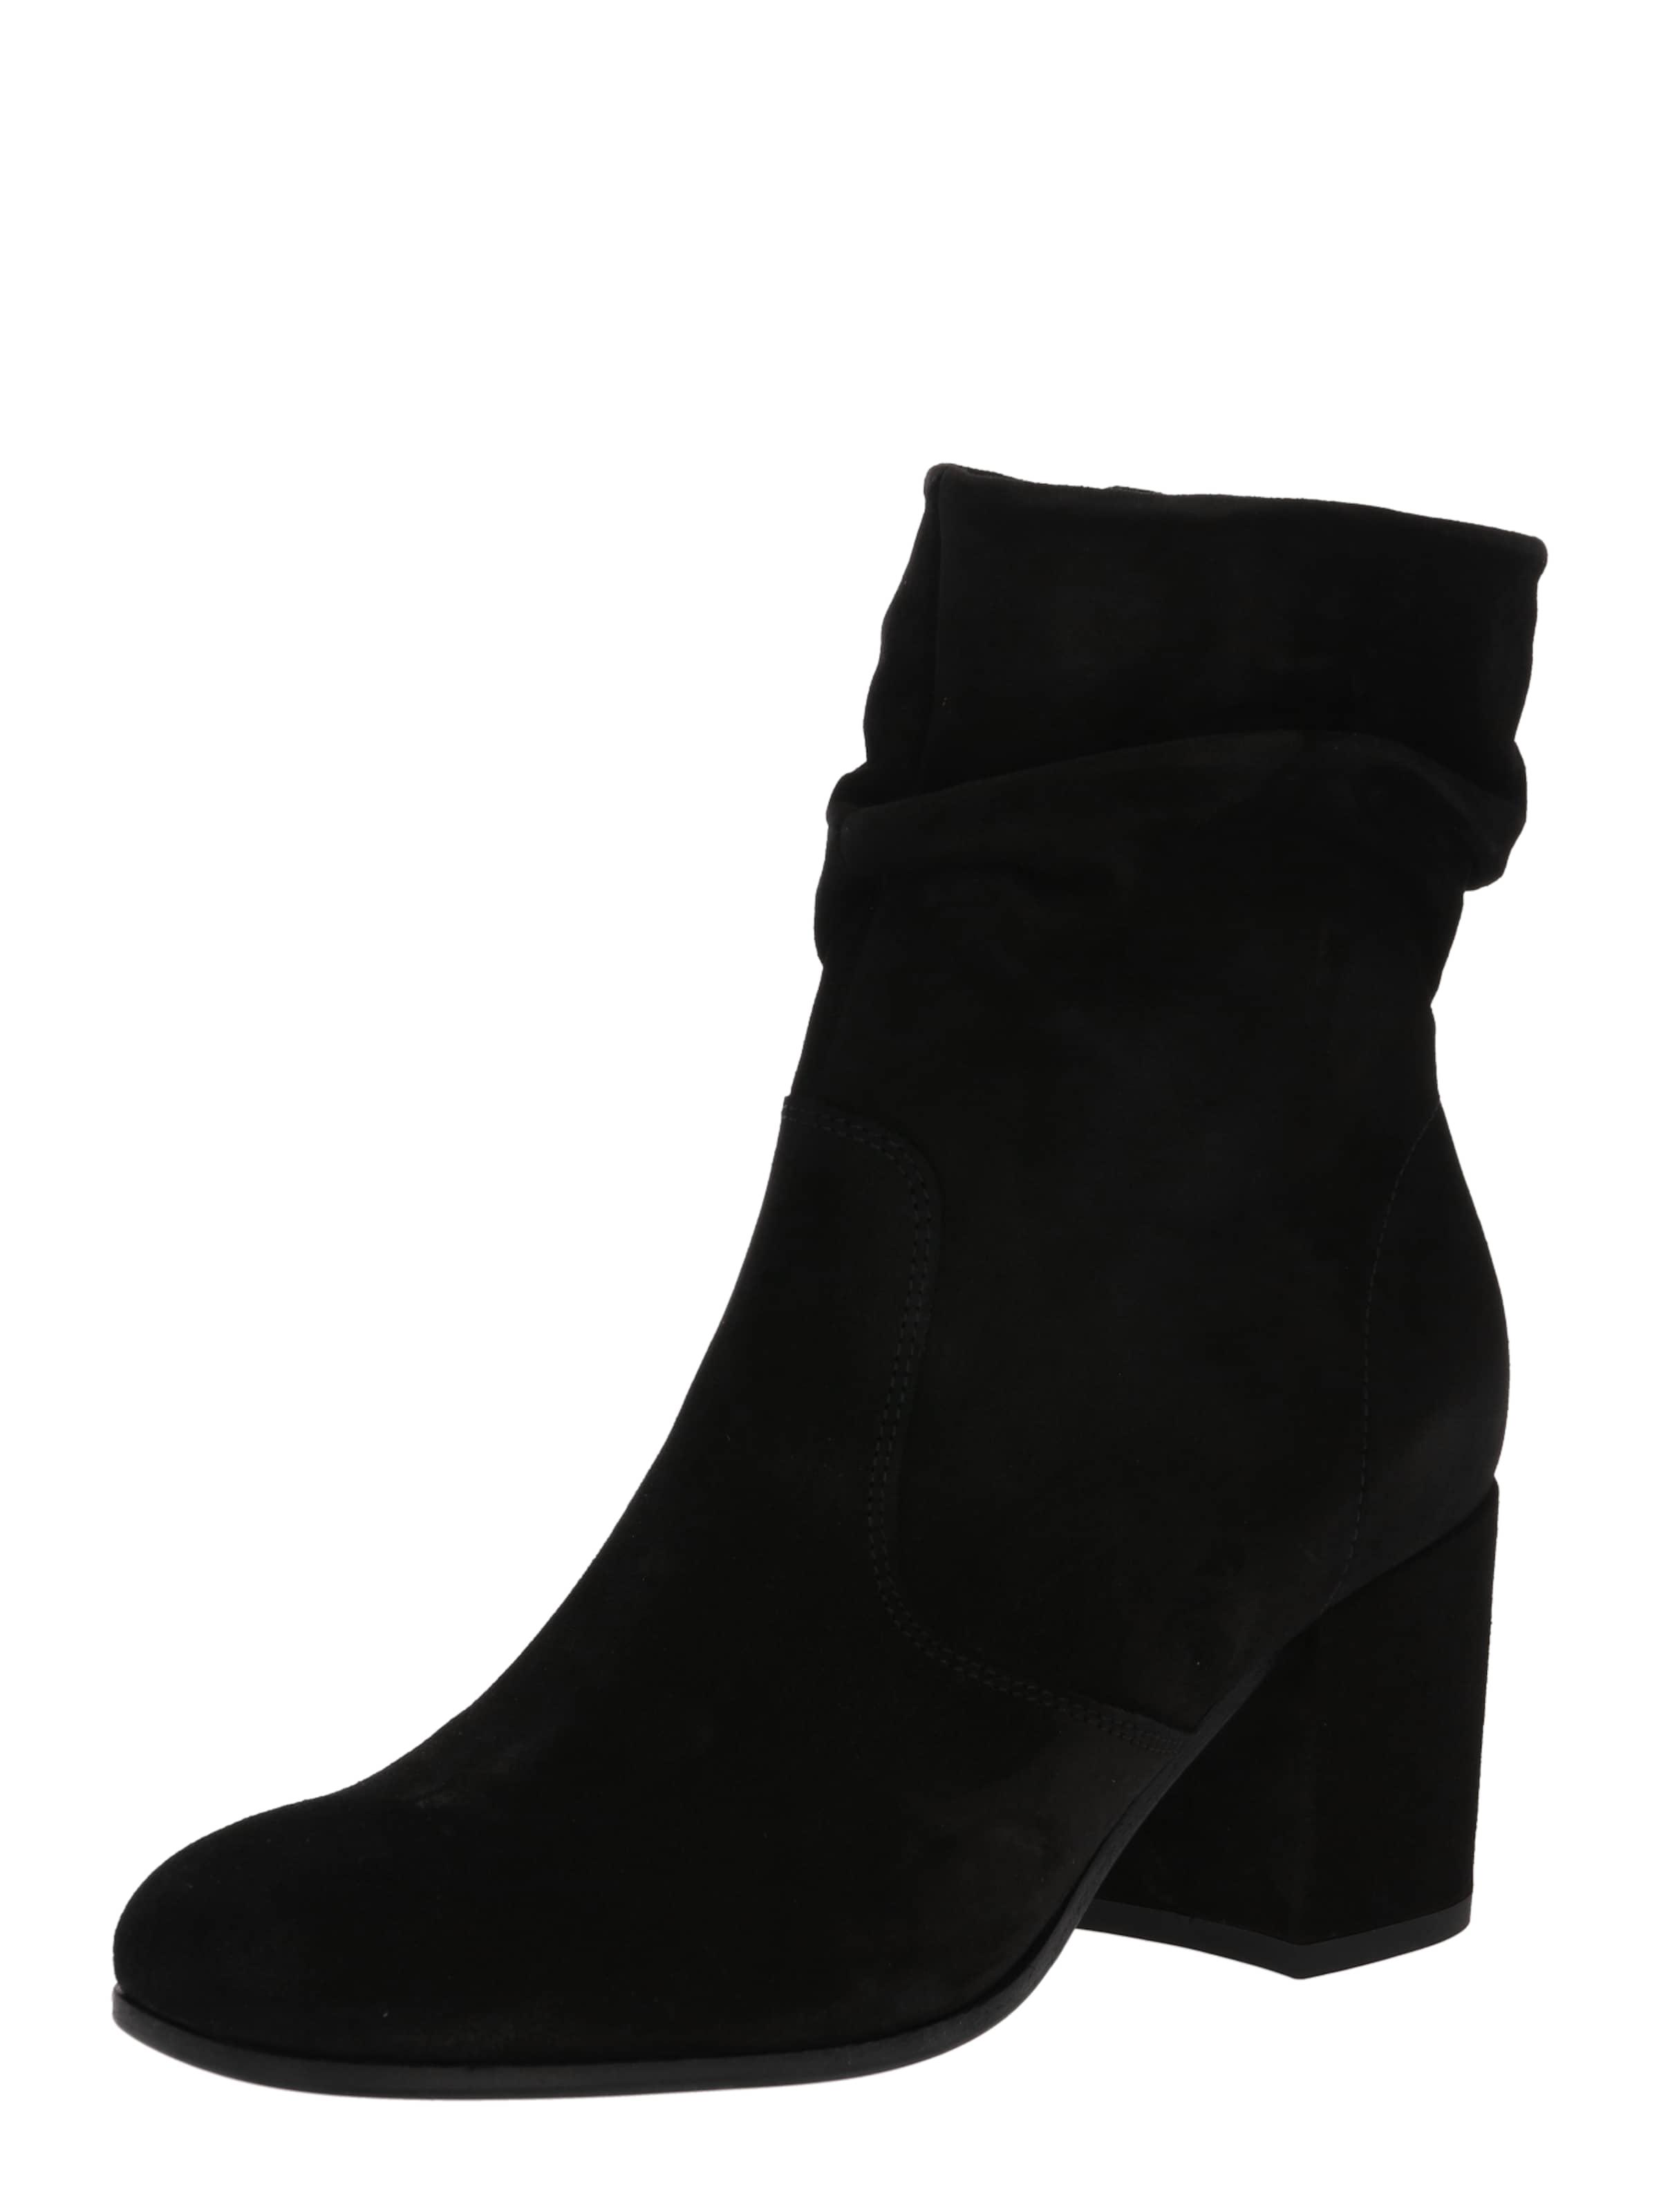 Kennel & Schmenger Stiefeletten 'Kiko' in schwarz